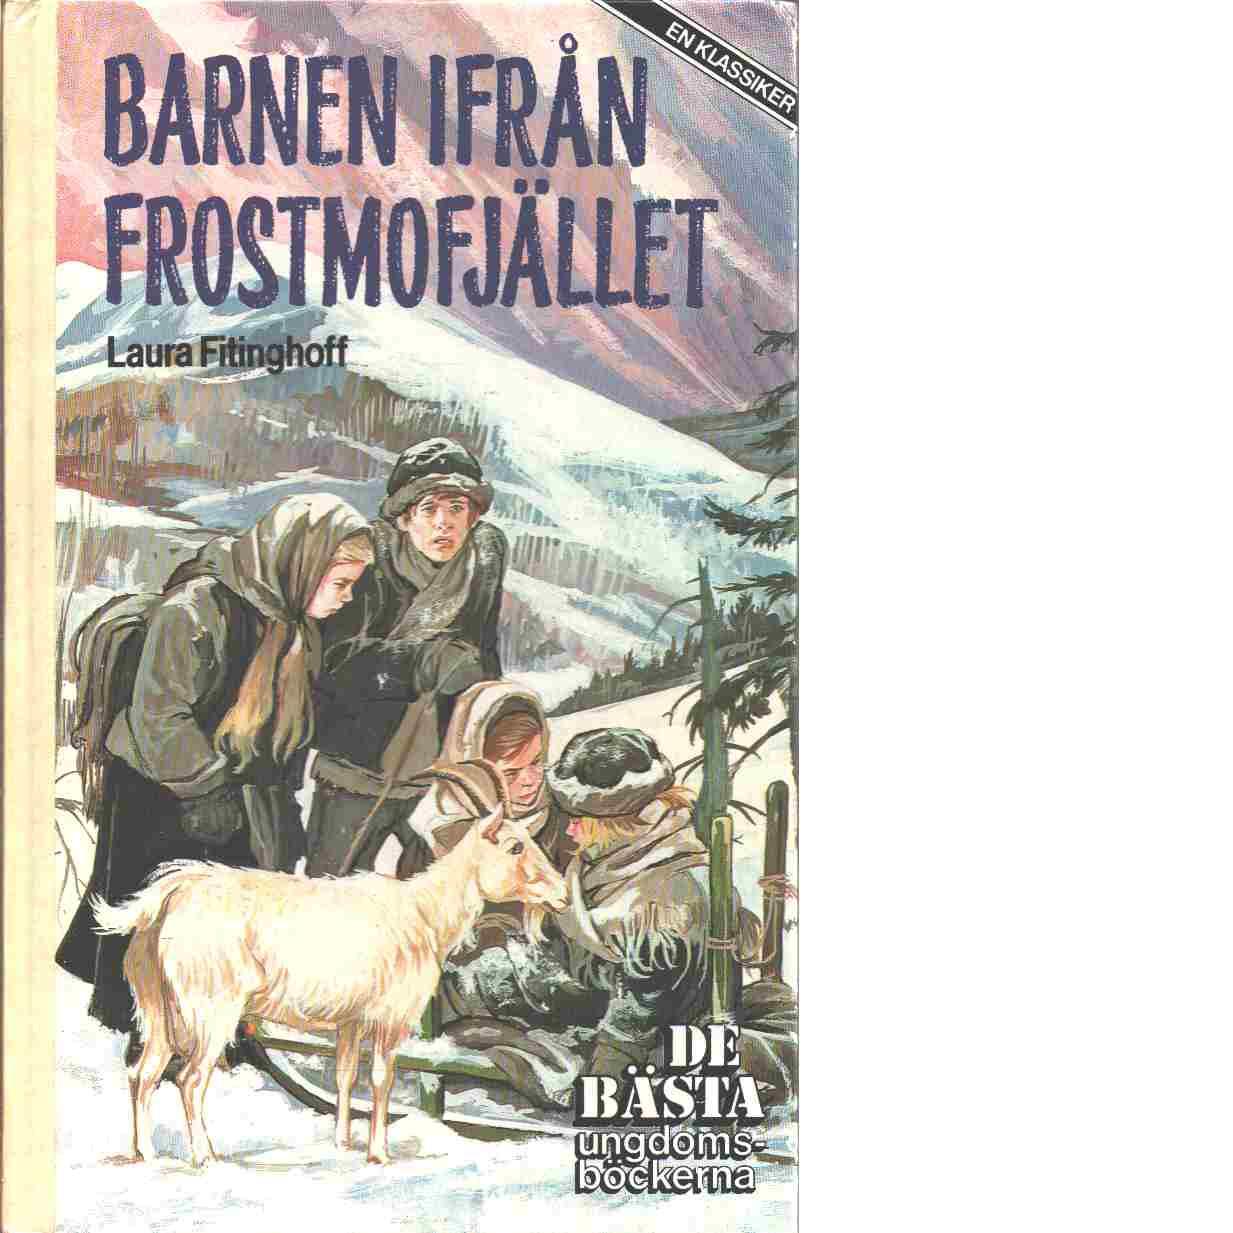 Barnen ifrån Frostmofjället - Fitinghoff, Laura